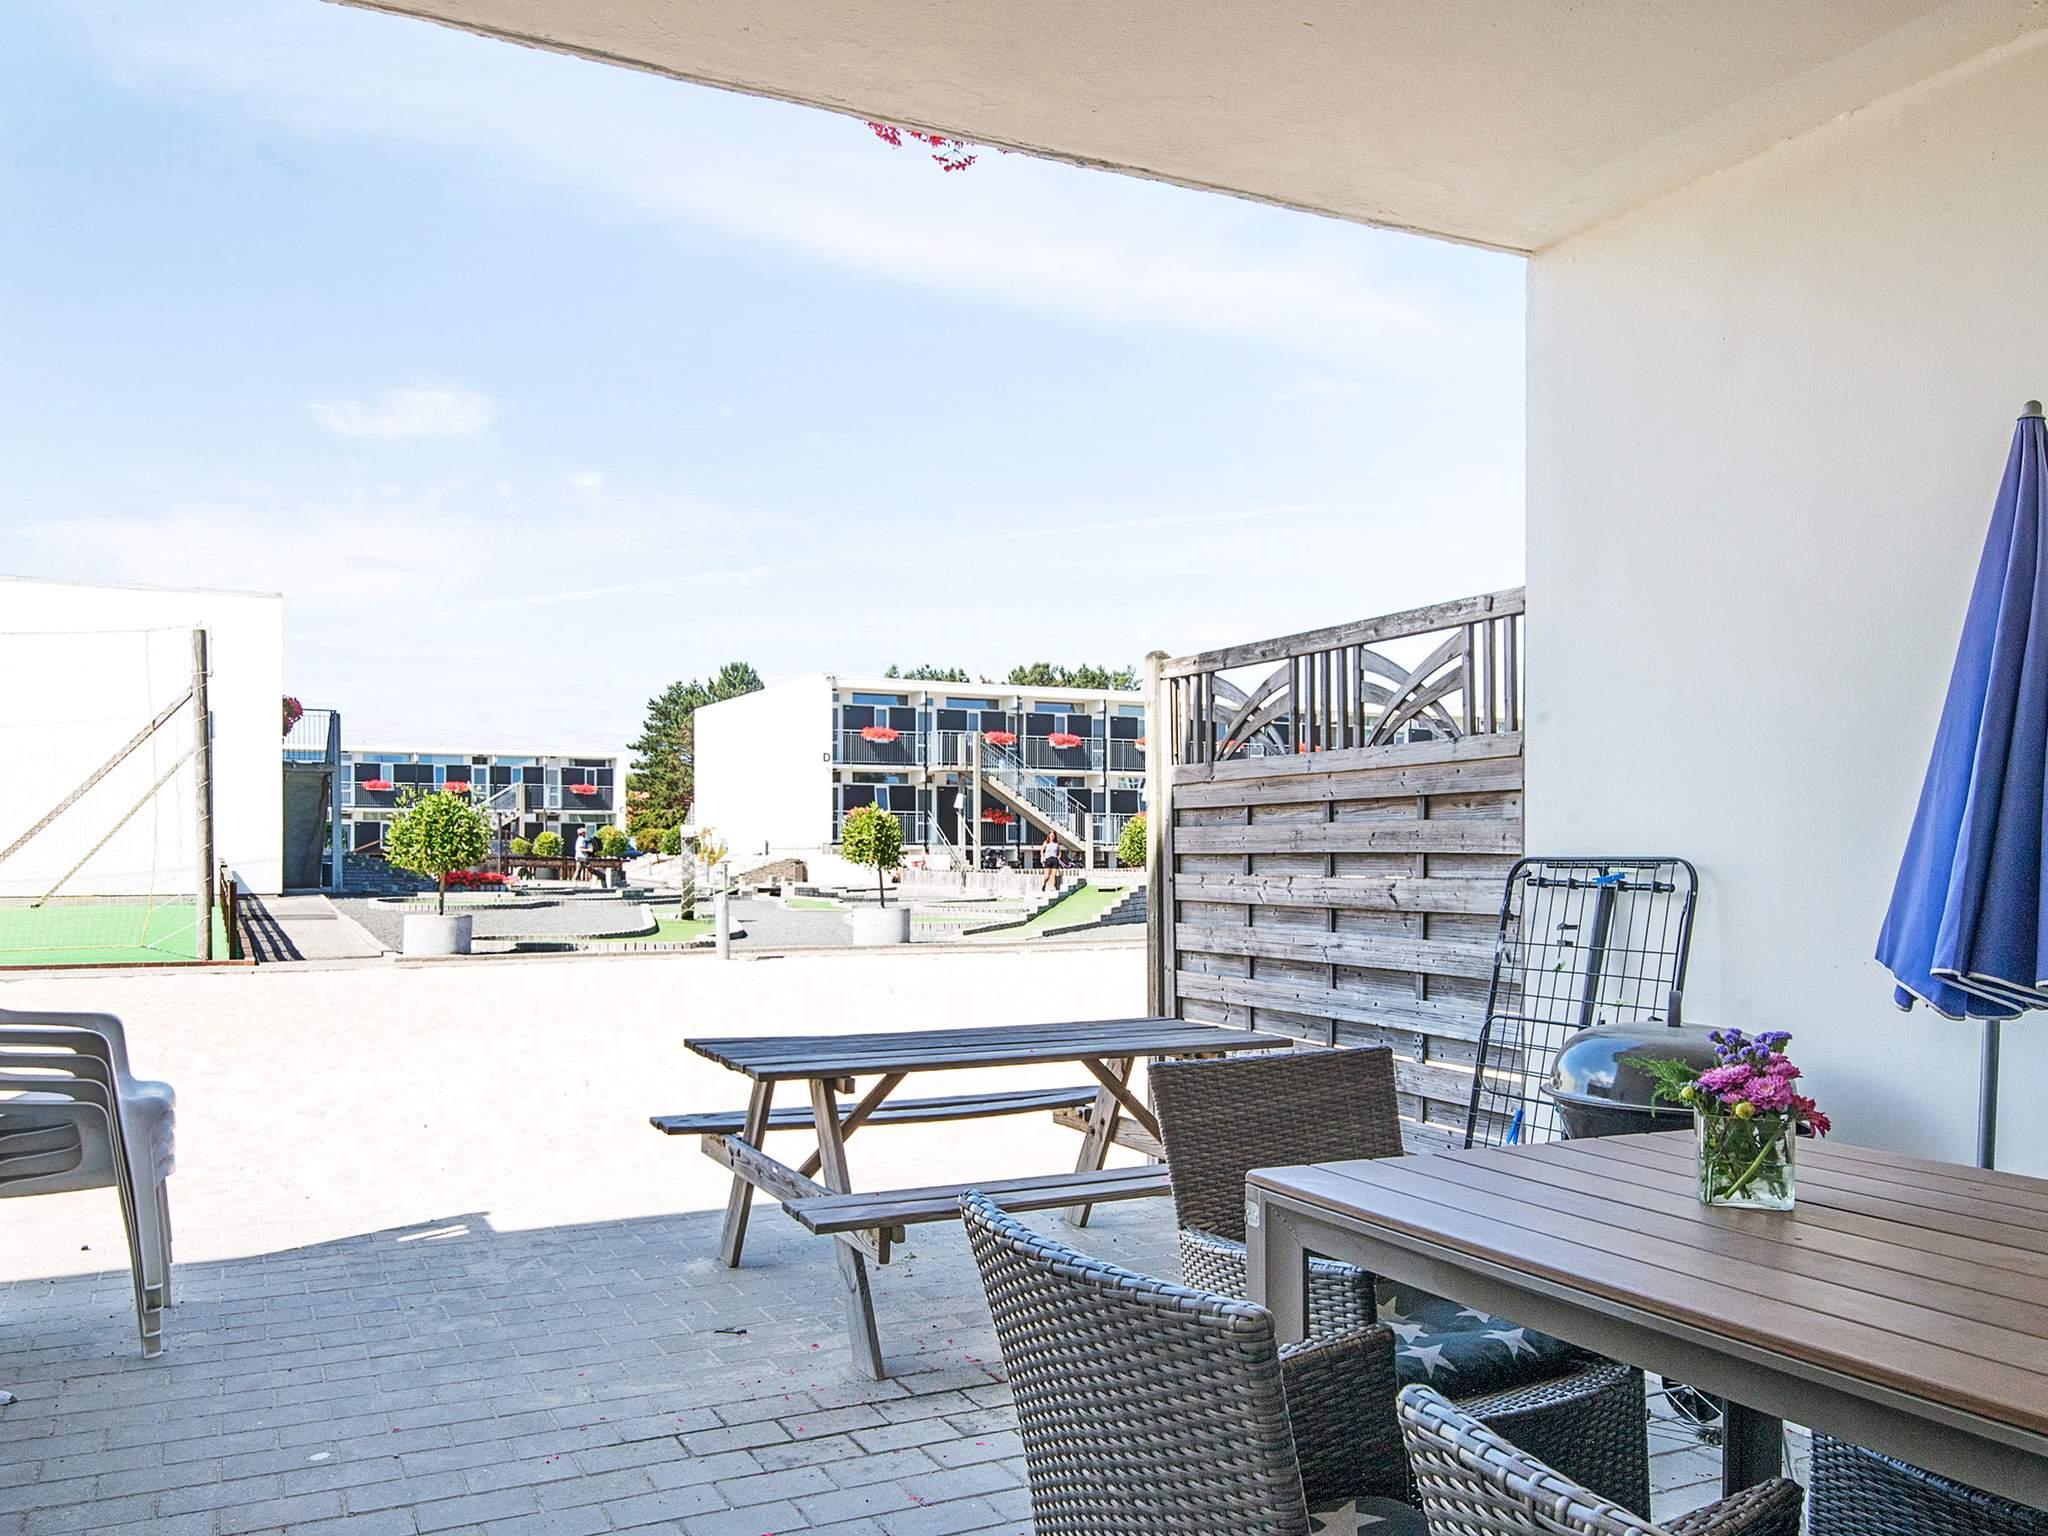 Ferienwohnung Bønnerup Strand - Typ 3 - 3 Zimmer,Erdg. oder 1.stock (1719344), Bønnerup, , Ostjütland, Dänemark, Bild 41